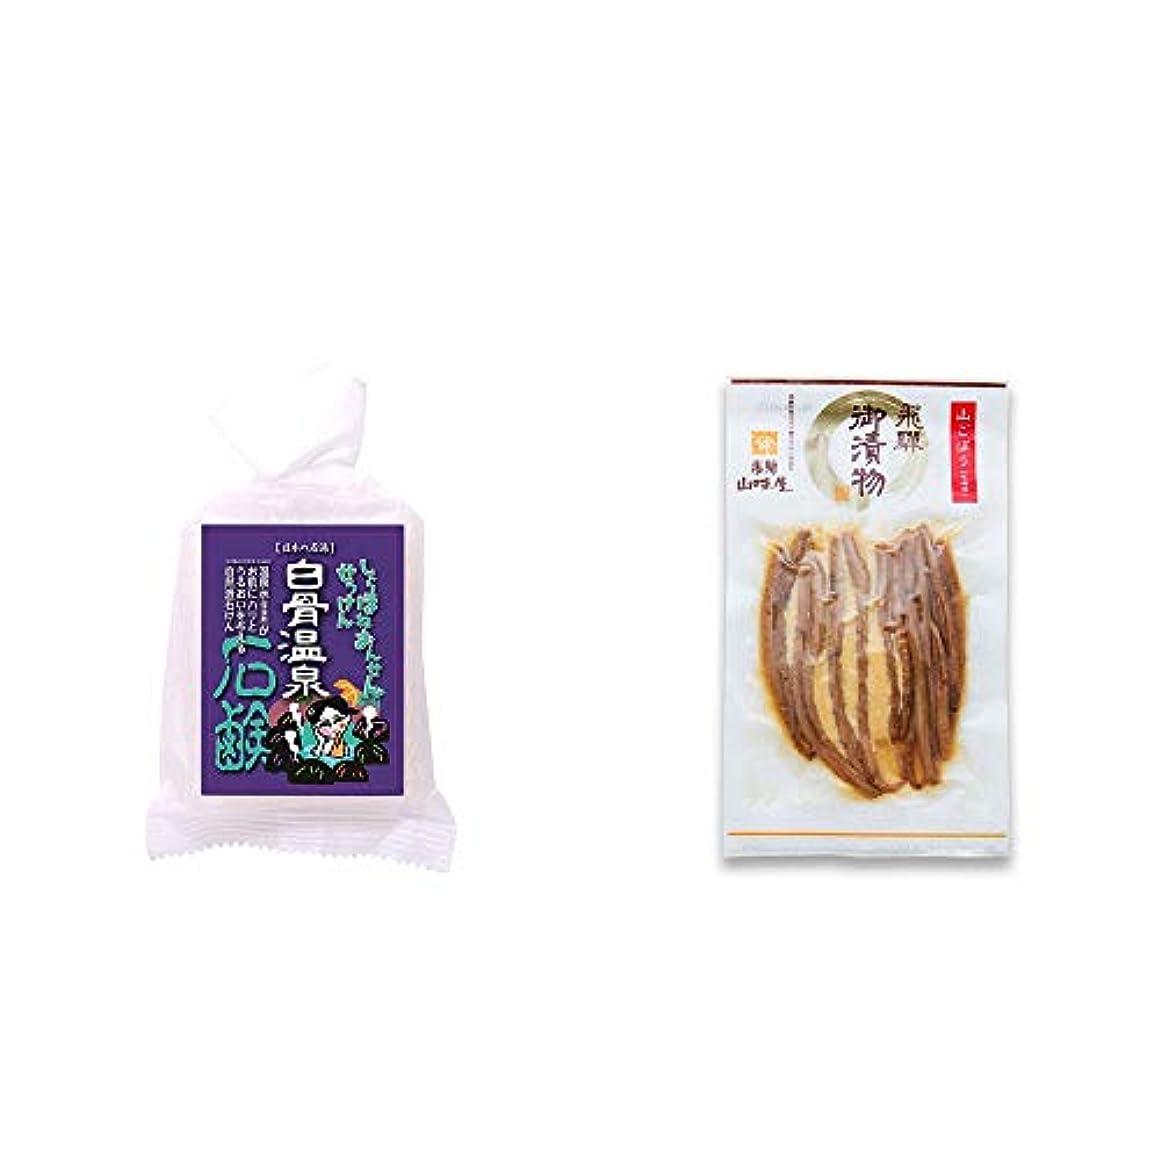 ゲスト運河哺乳類[2点セット] 信州 白骨温泉石鹸(80g)?飛騨山味屋 山ごぼう味噌漬(80g)